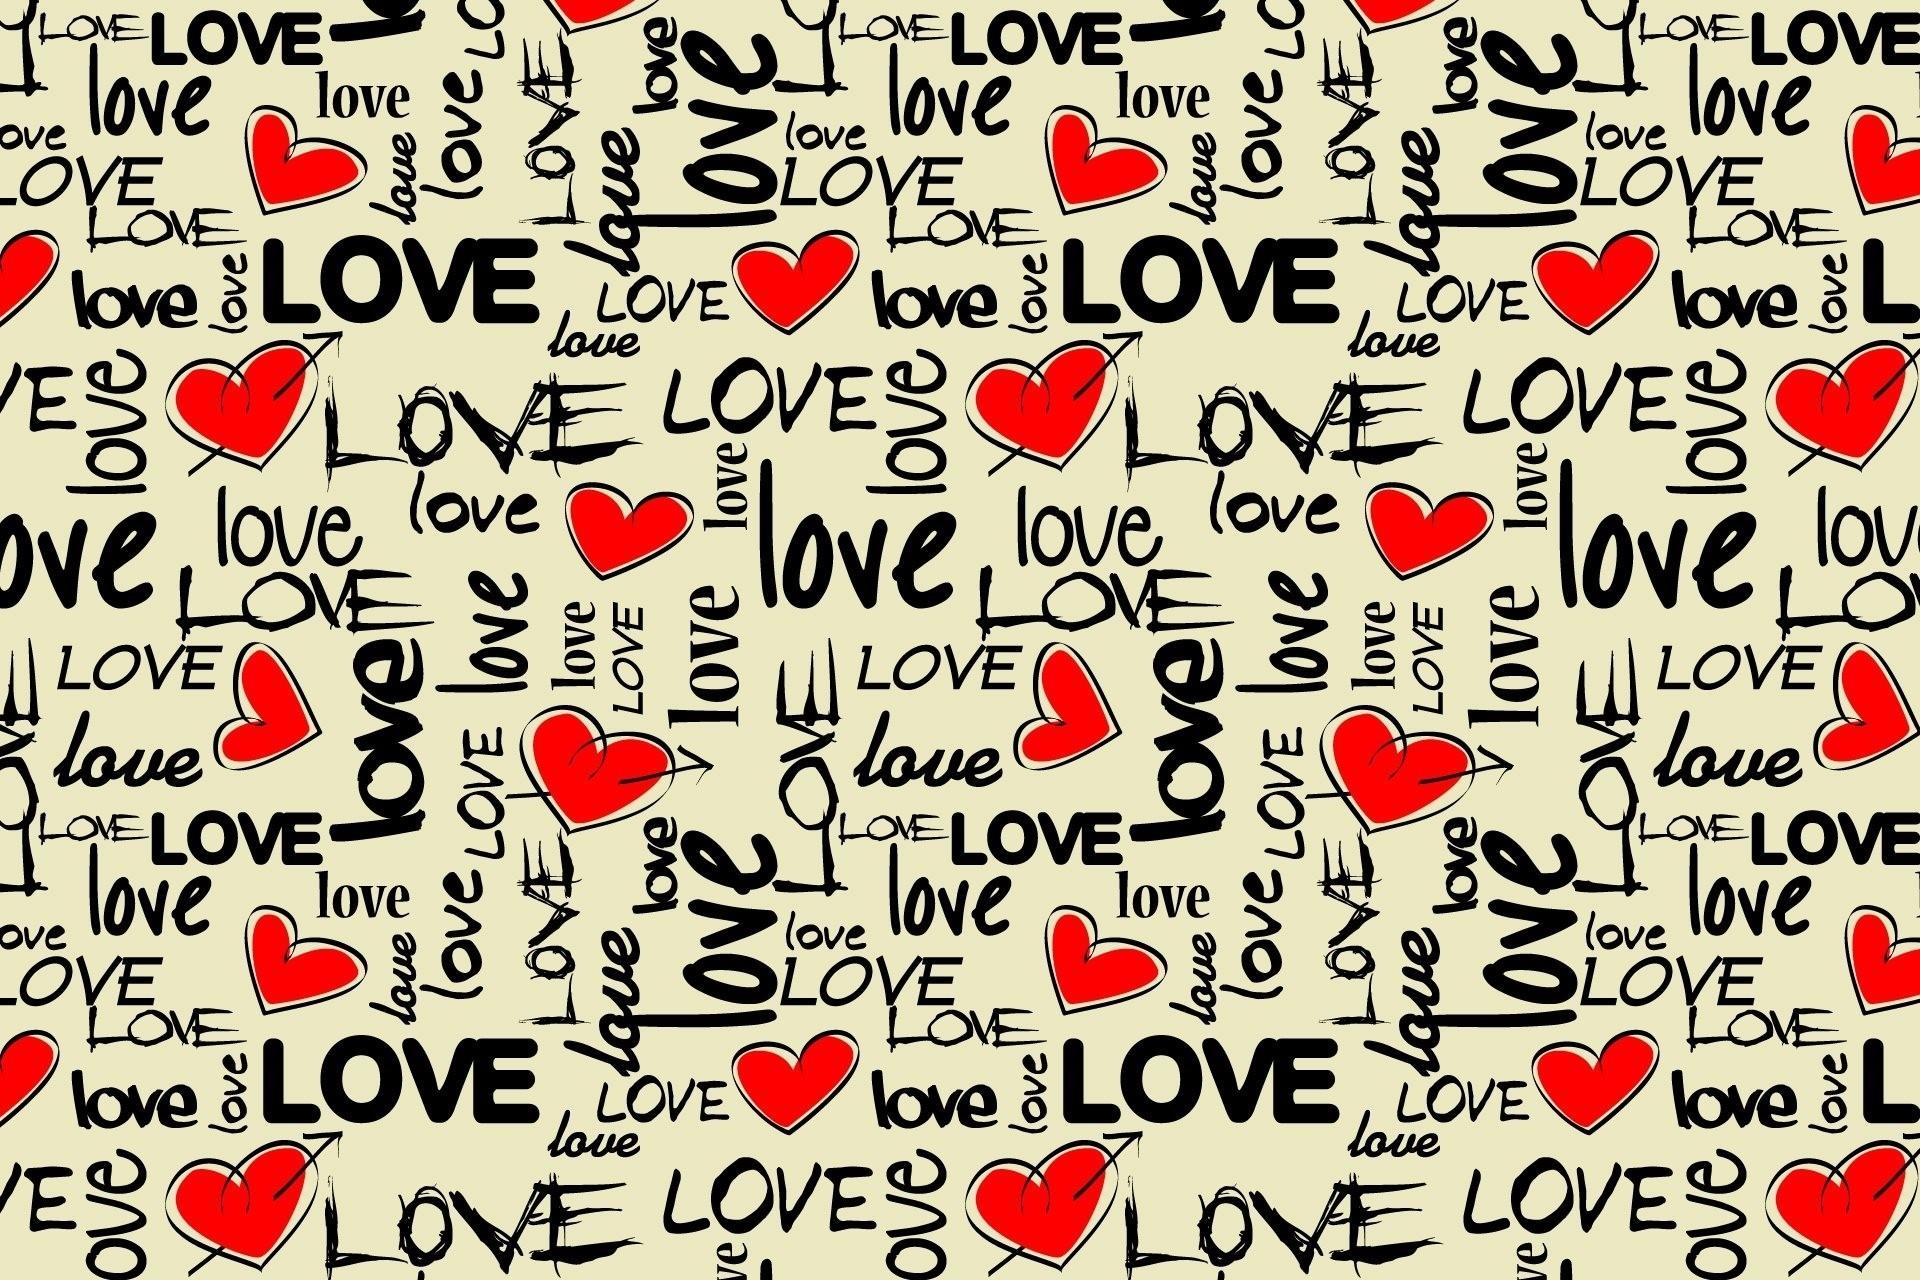 Картинки для контакта на стену с надписями красивые про любовь